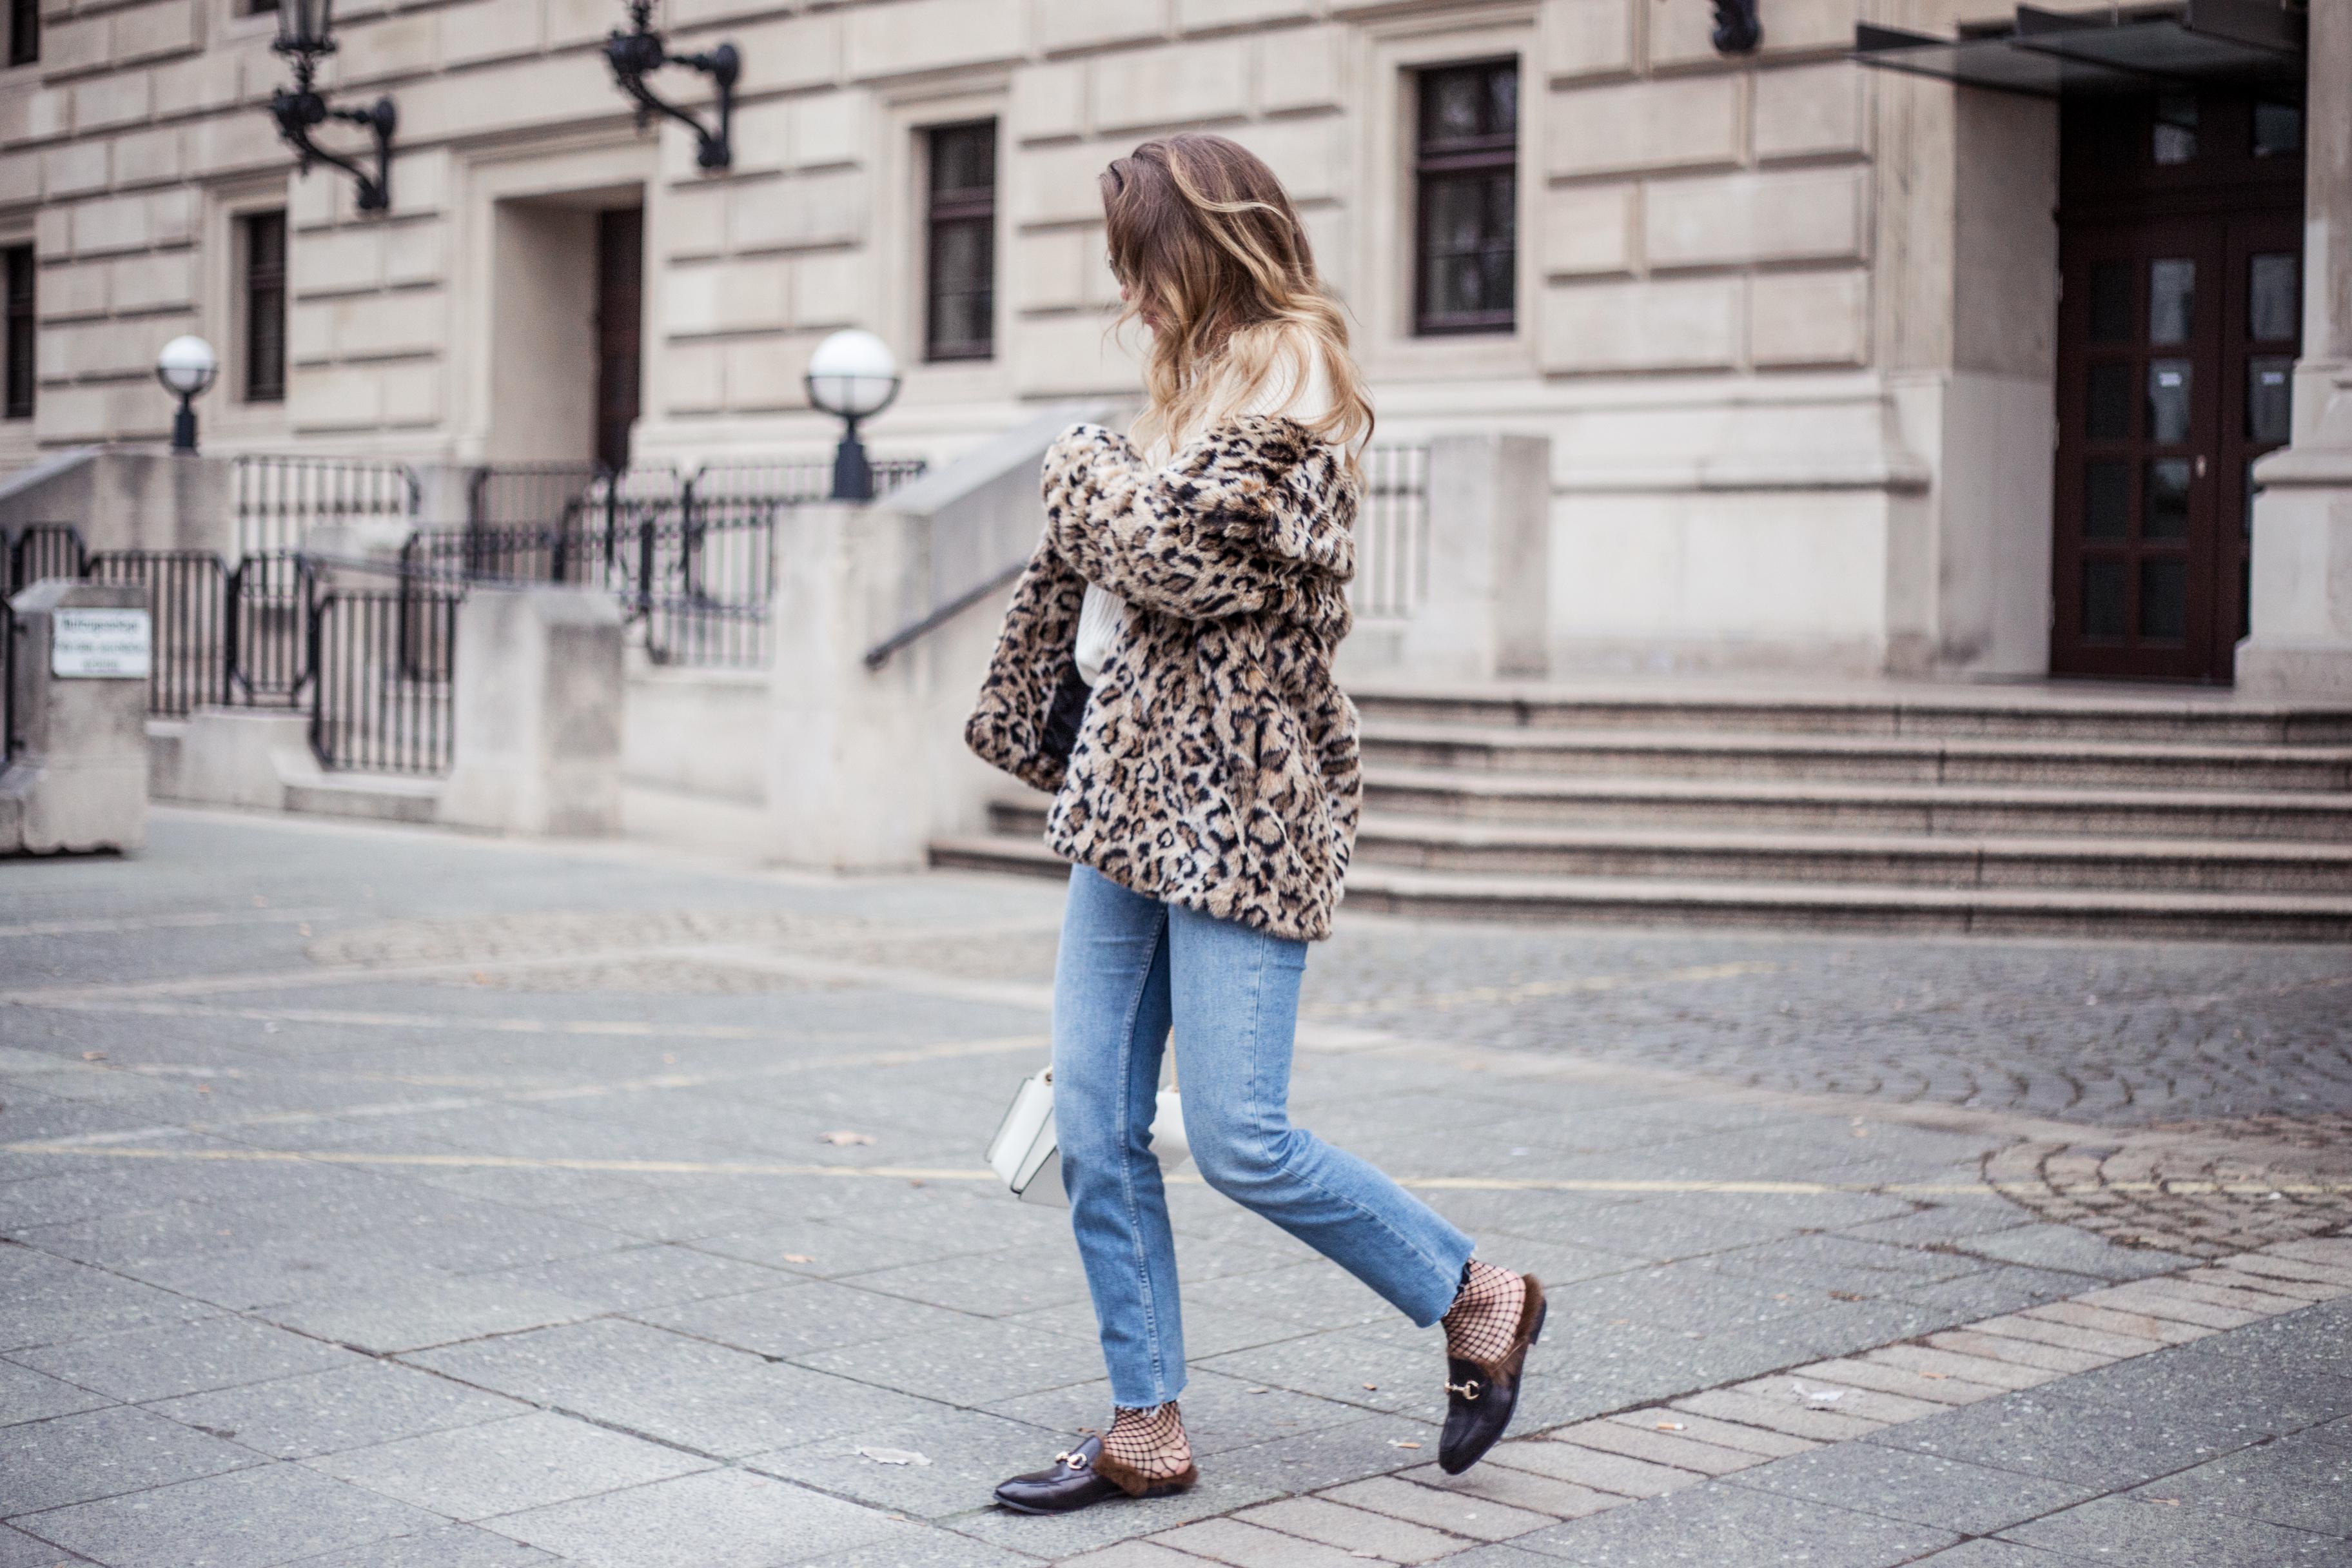 gucci-mules-leopard-fake-fur-outfit-livia-auer-9810